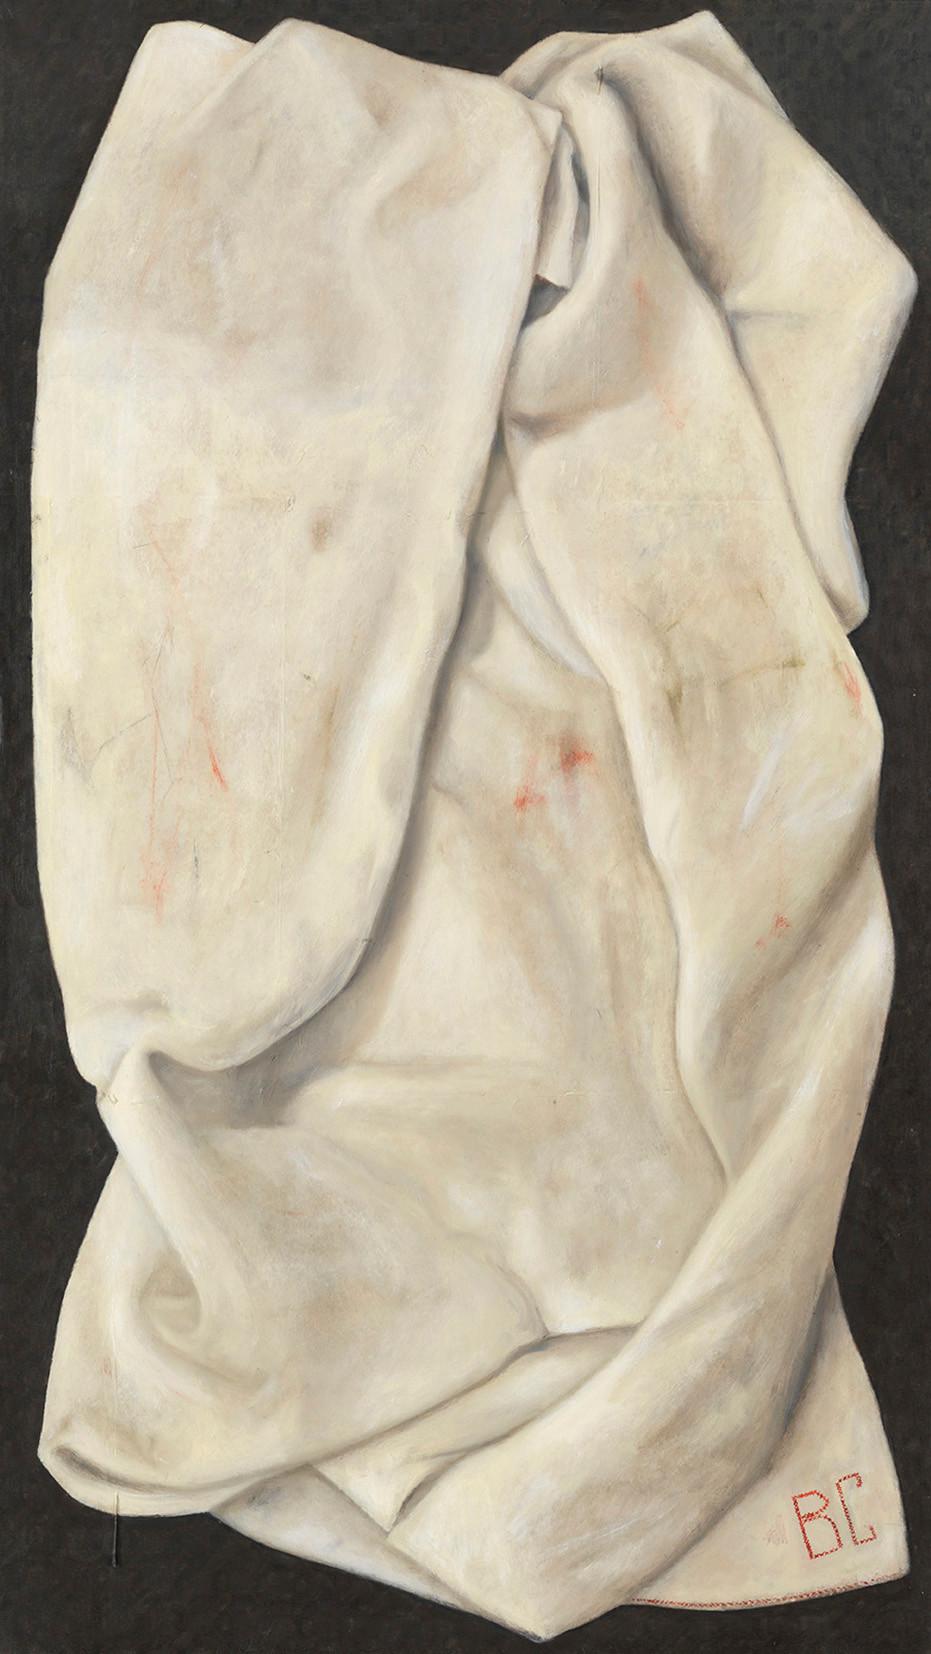 Senza titolo, 2008/2009, olio su carta su tela, cm 140 x 80